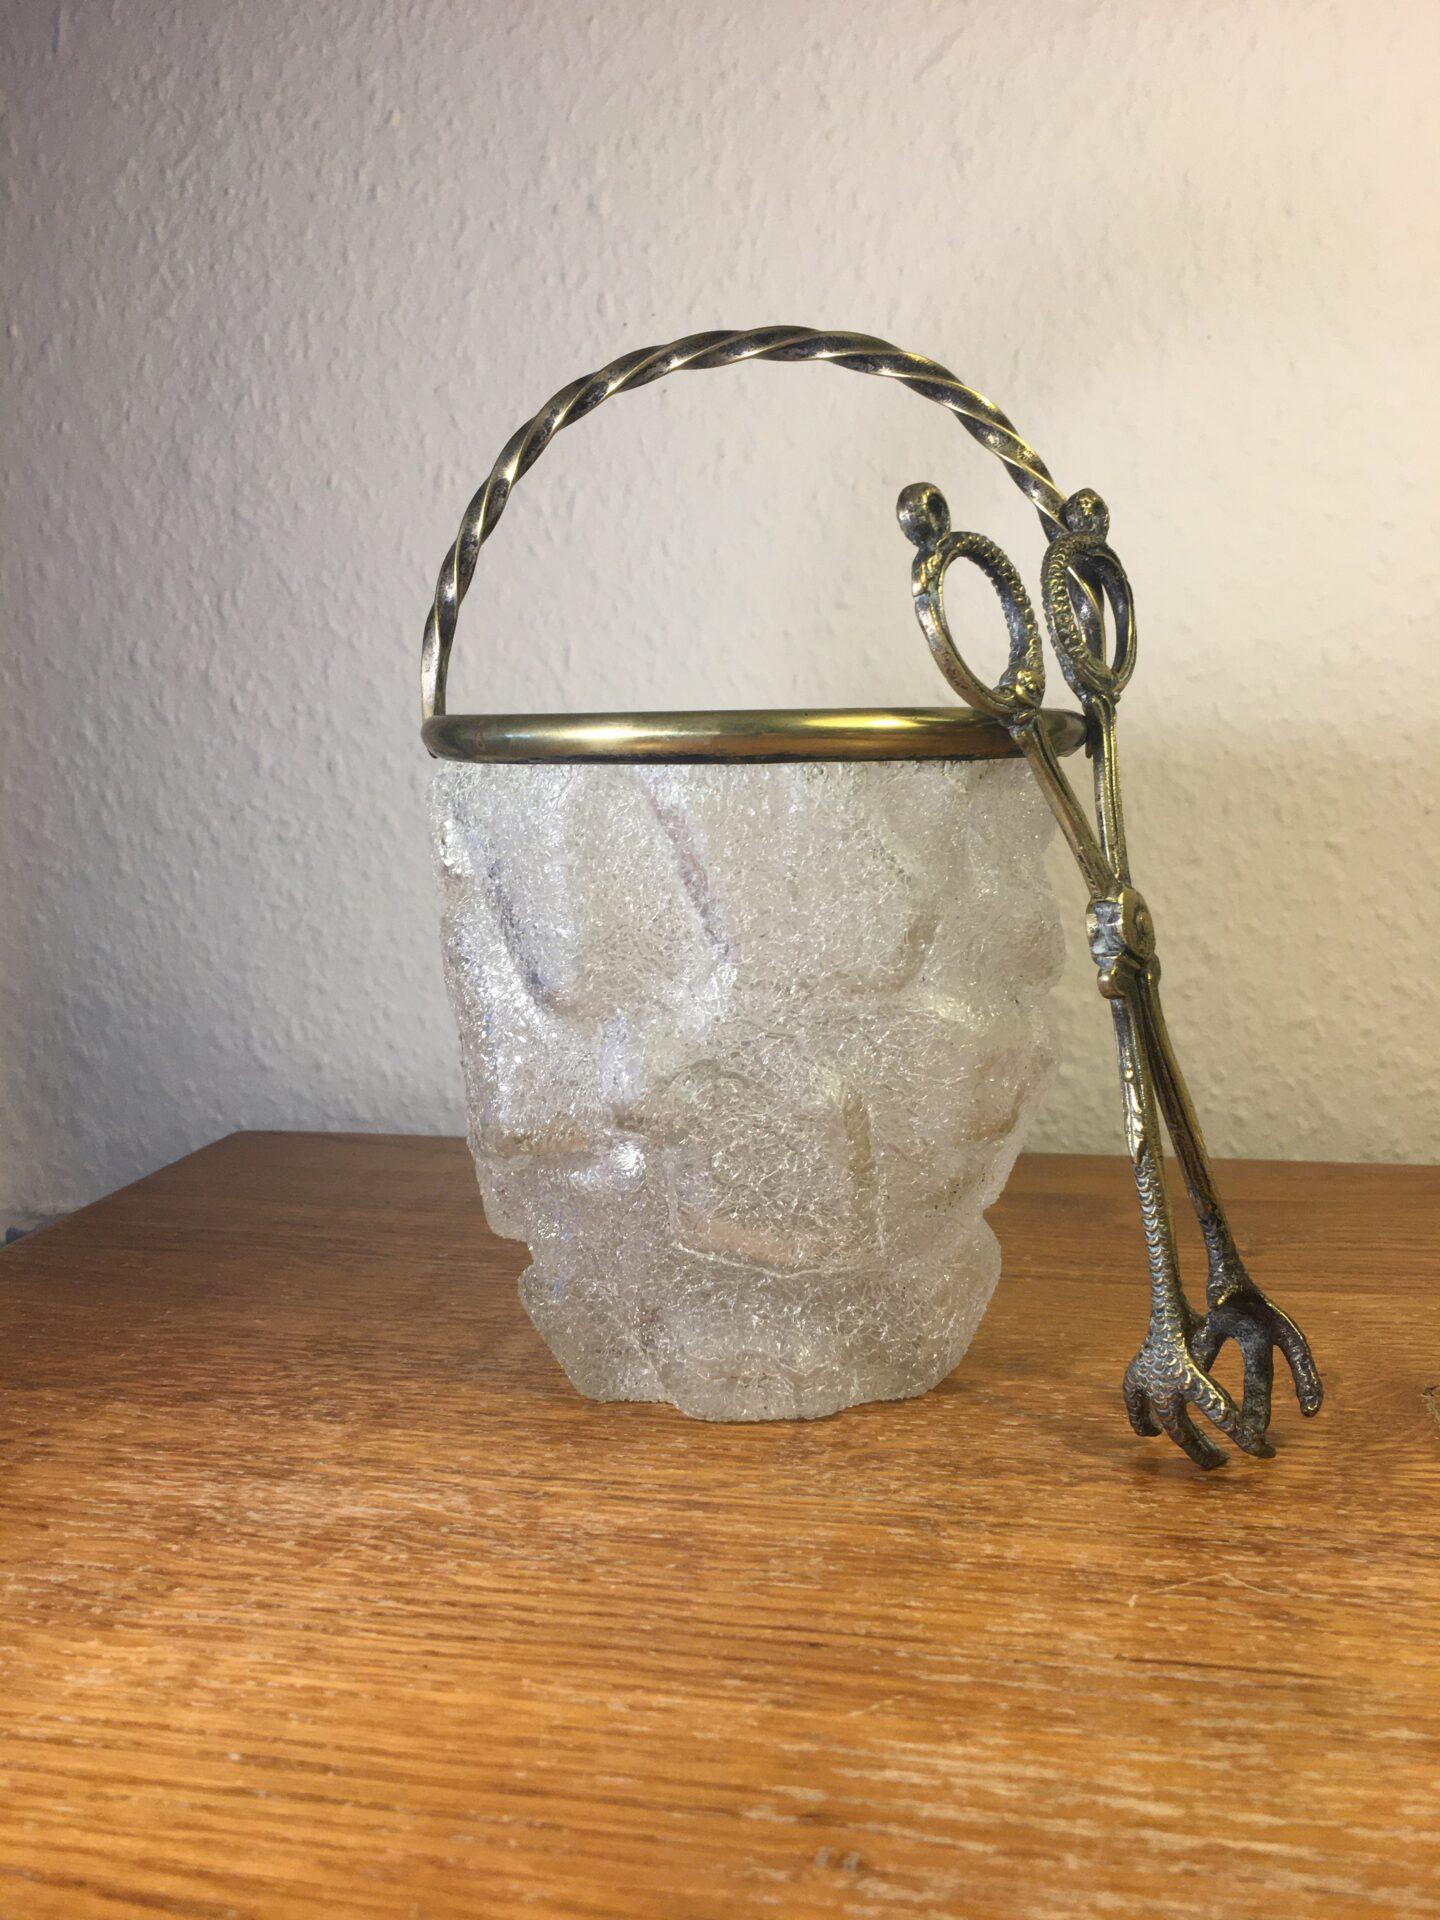 Antik isspand med tihørende tang (bronze), fremstillet af frosset/iset glas formet som isblokke. Pri